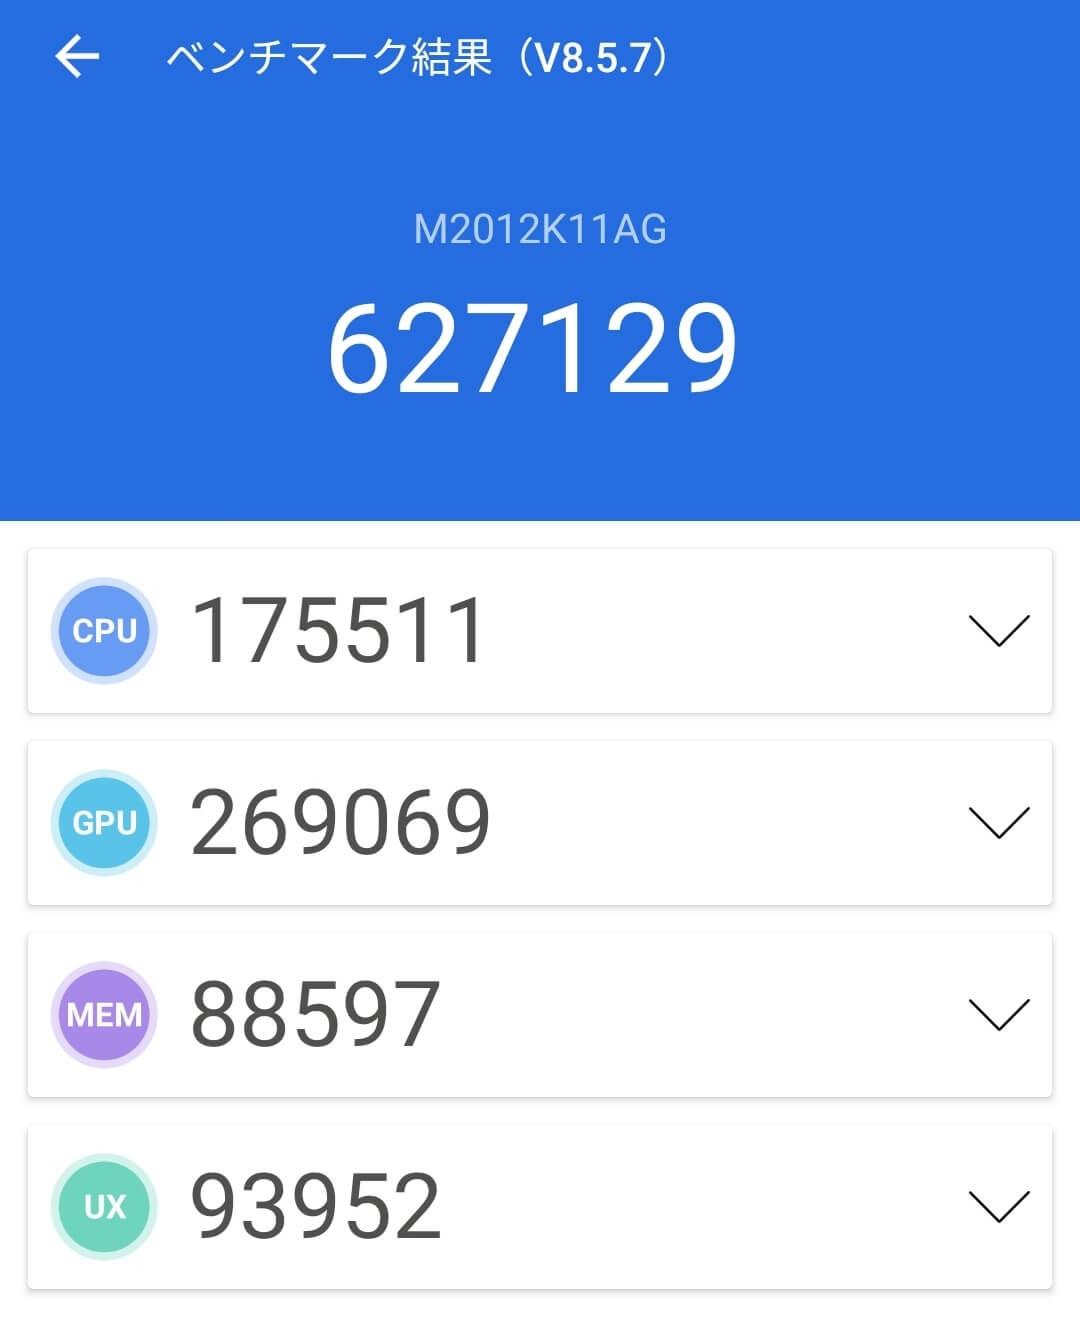 Xiaomi POCO F3 5GのAntutuベンチマークスコア計測2回目は627129